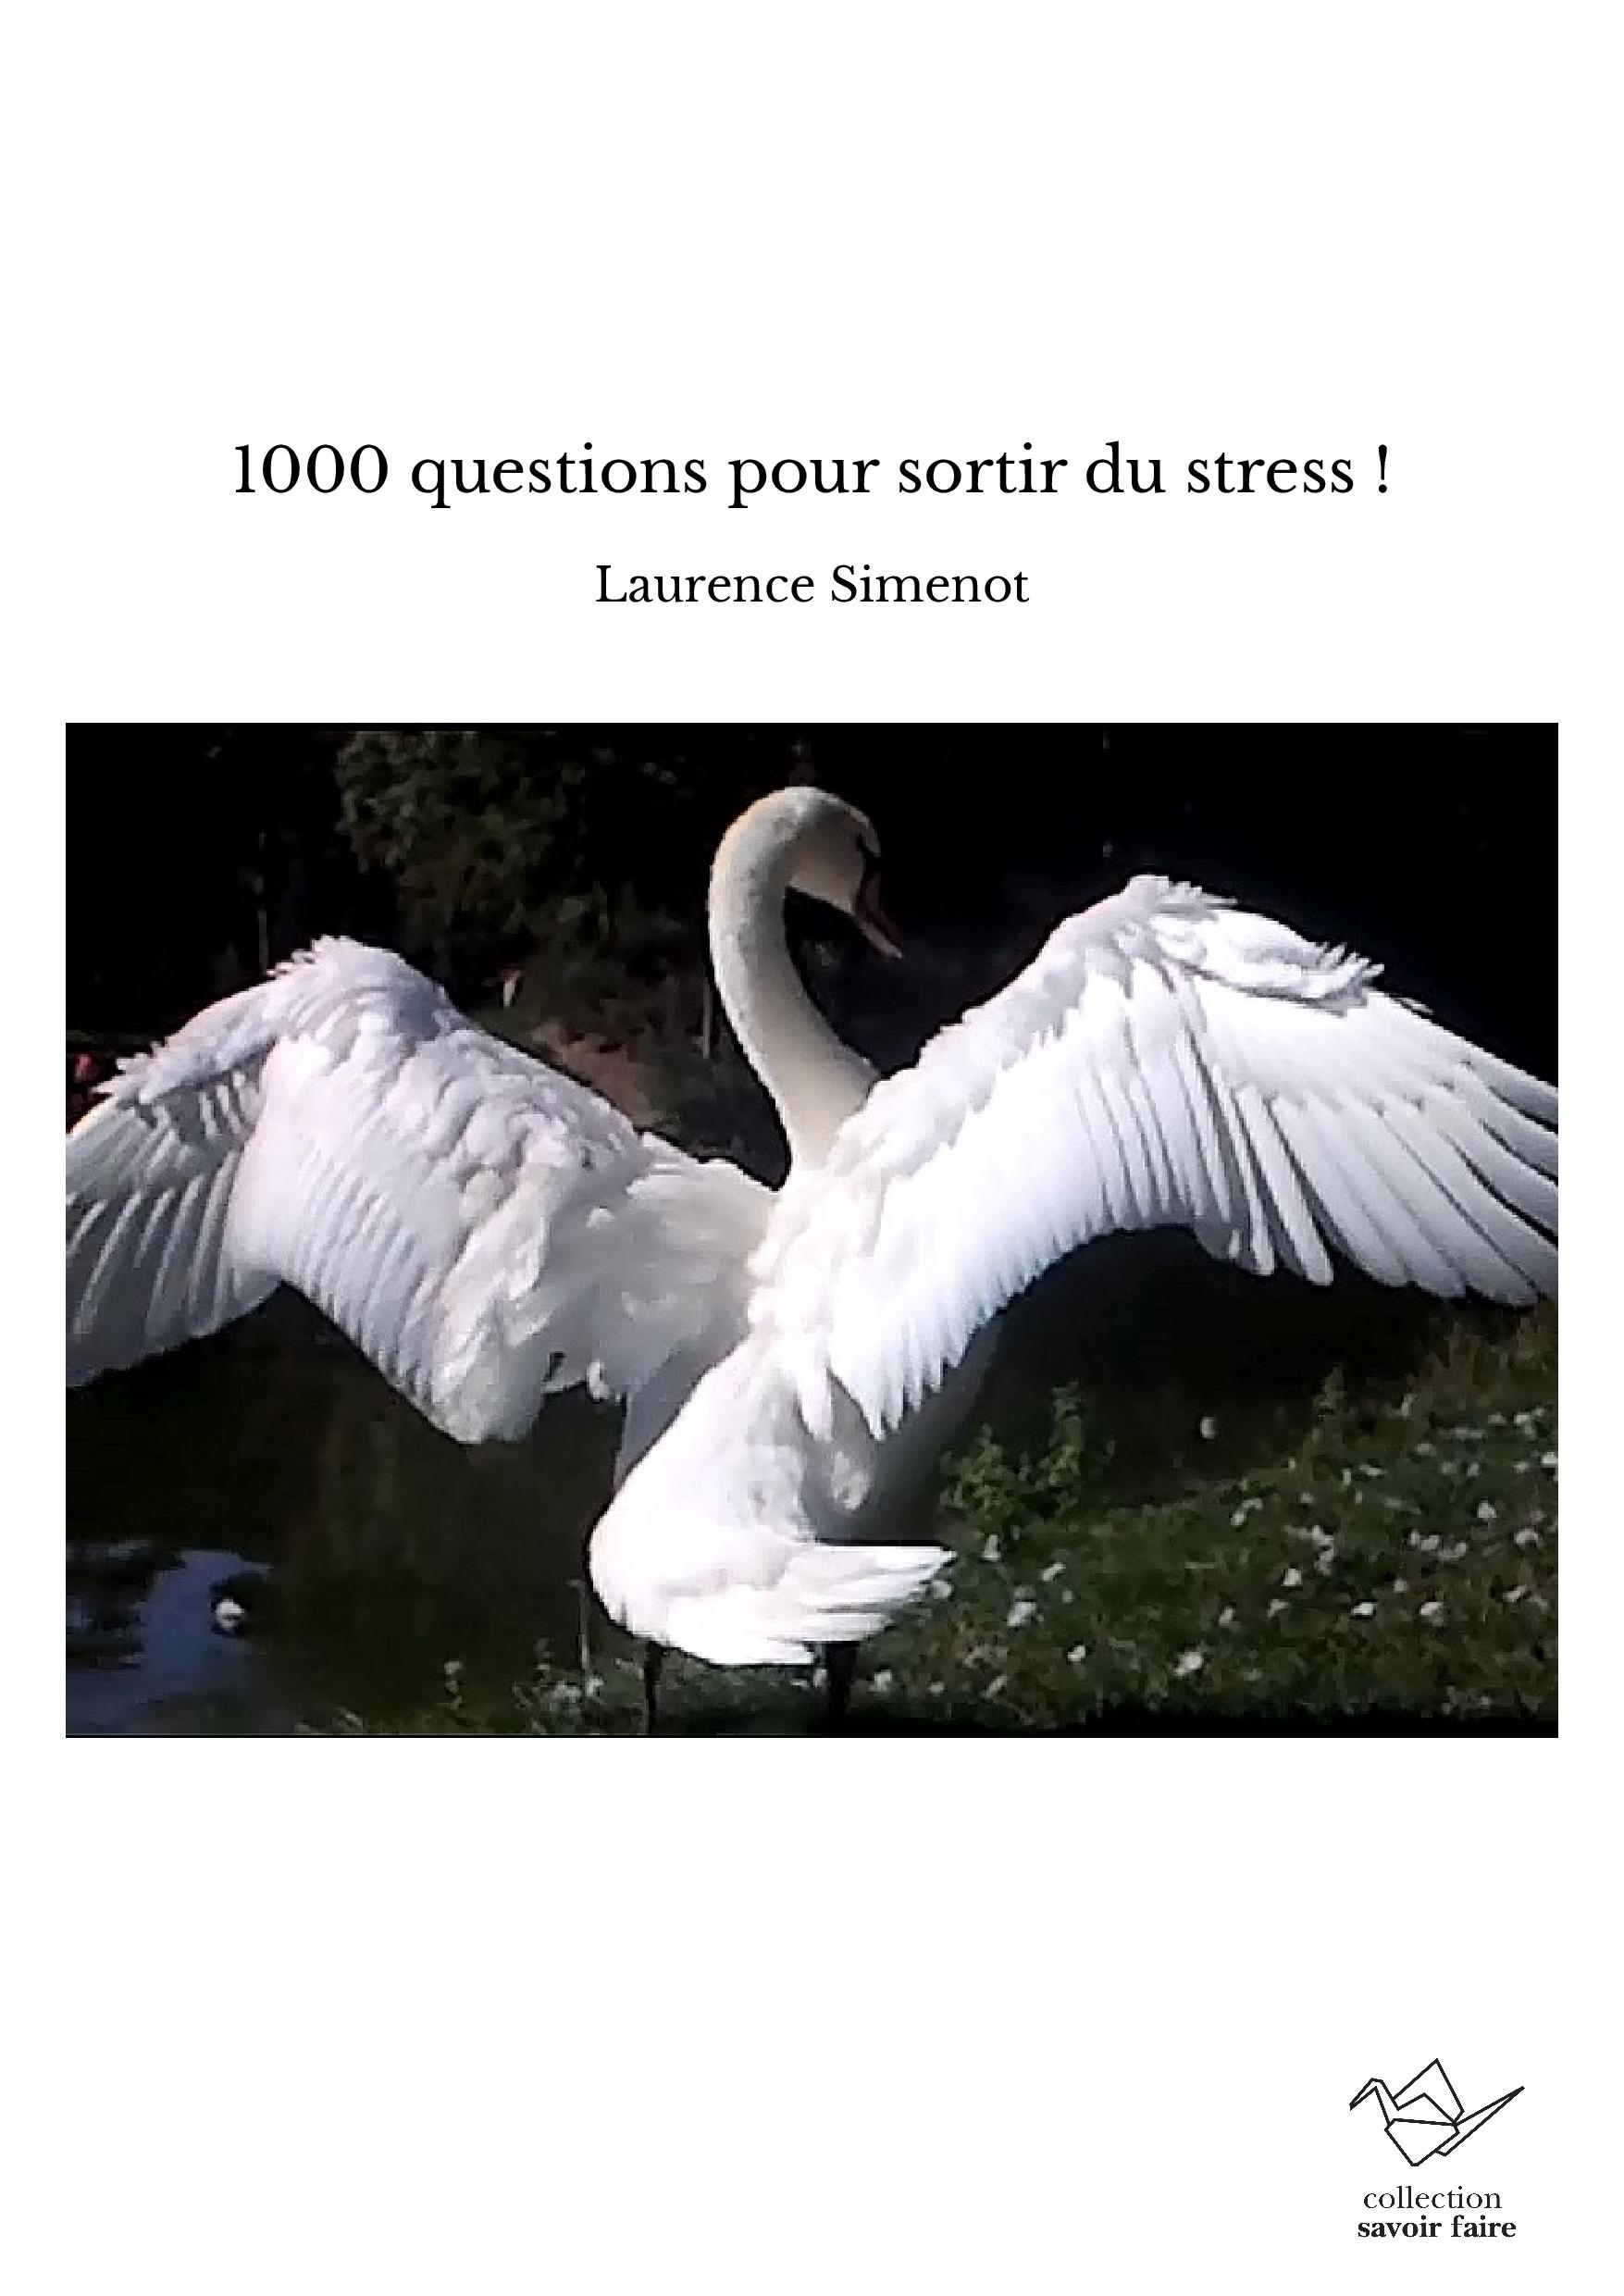 1000 questions pour sortir du stress !